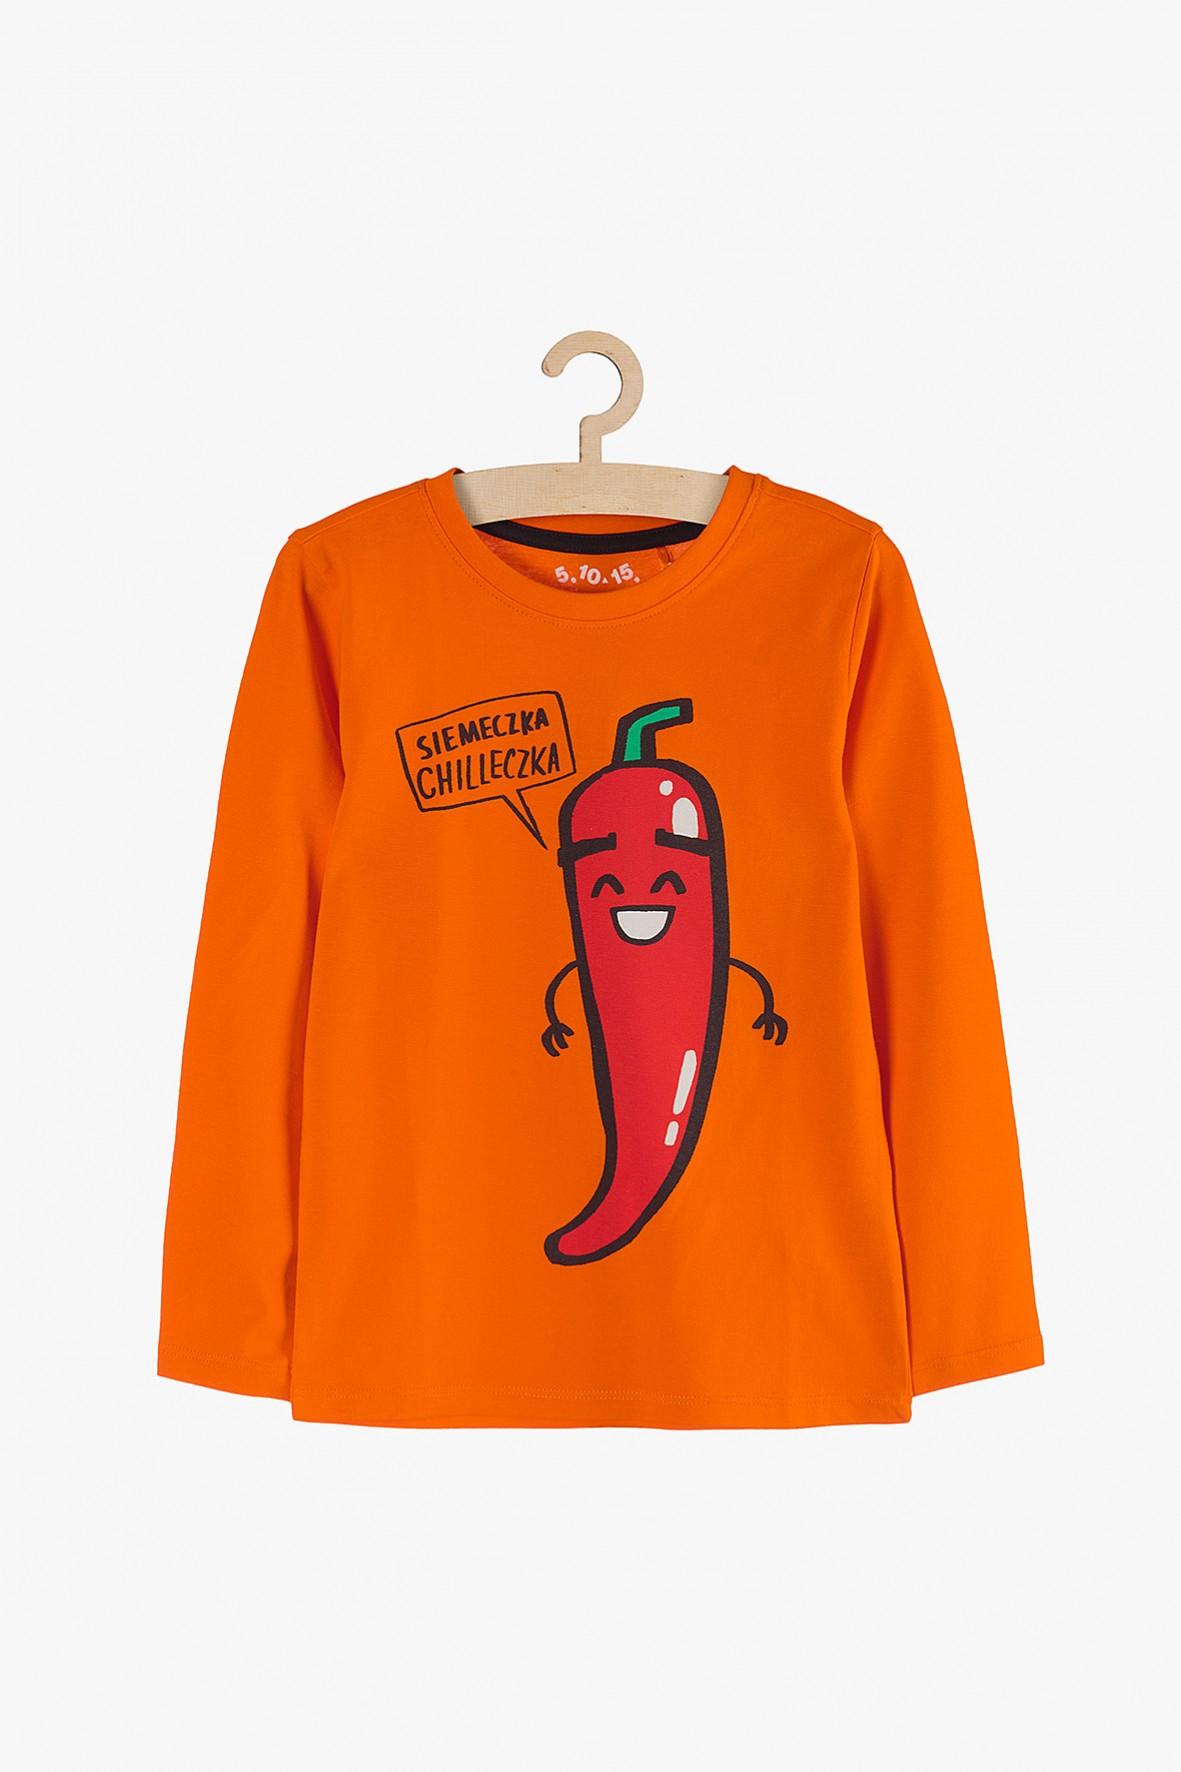 Bawełniana bluzka dla chłopca- pomarańczowa